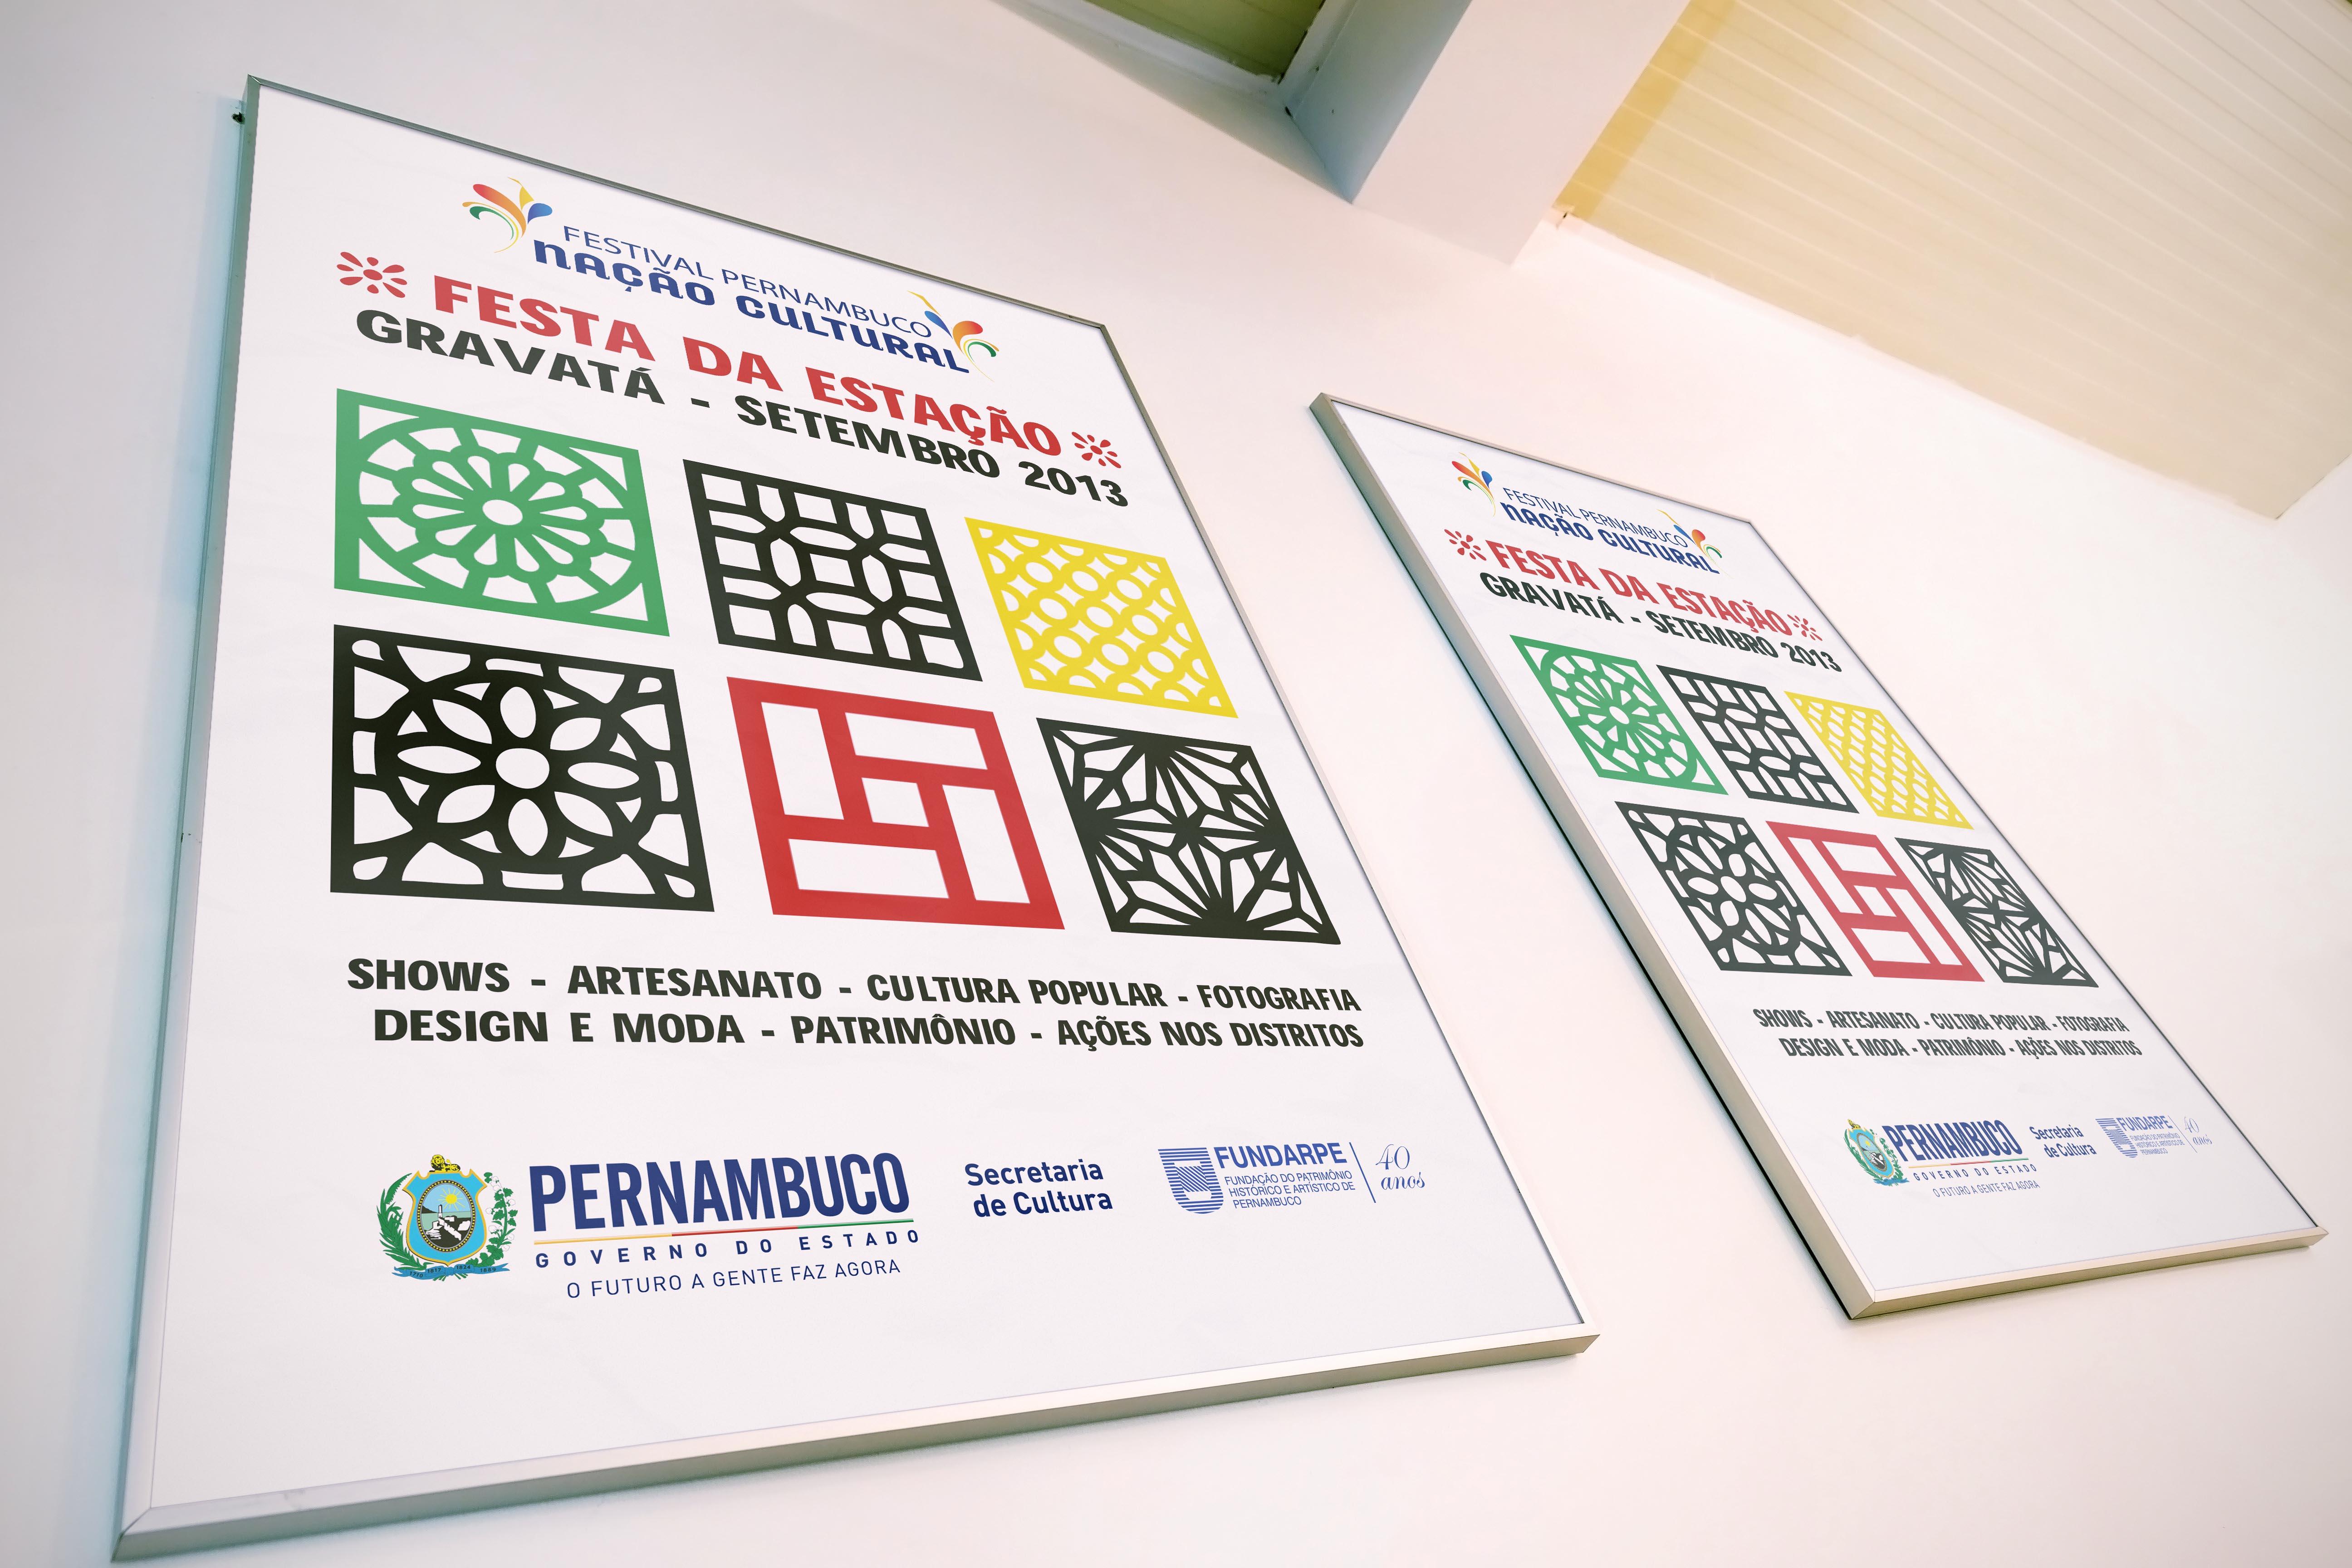 Cartaz Festival Pernambuco Nação Cultural